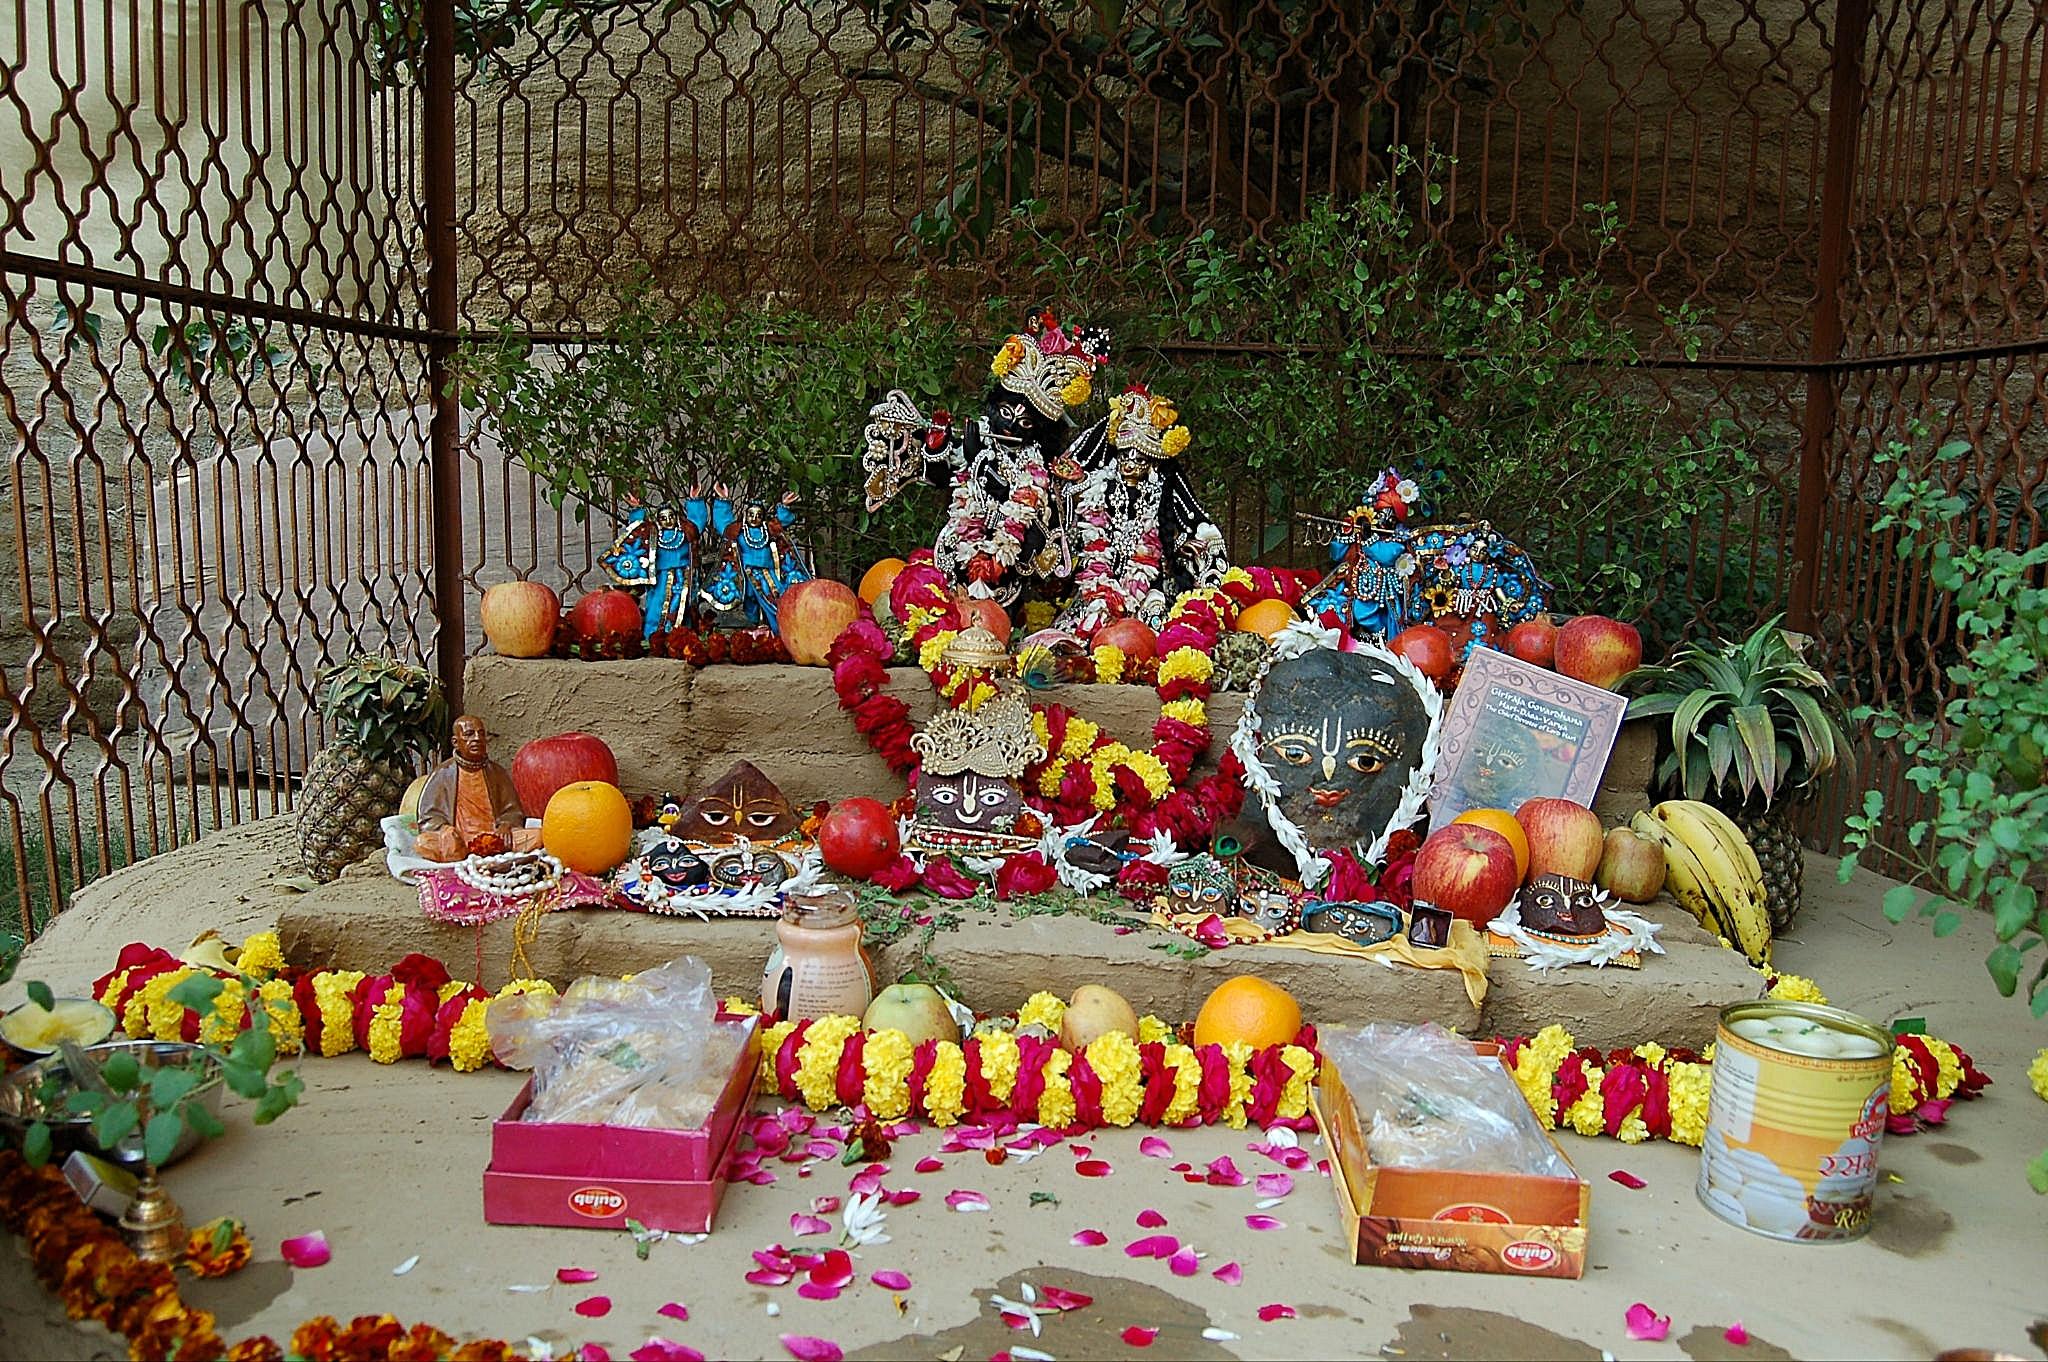 Radha Madhava at a courtyard festival